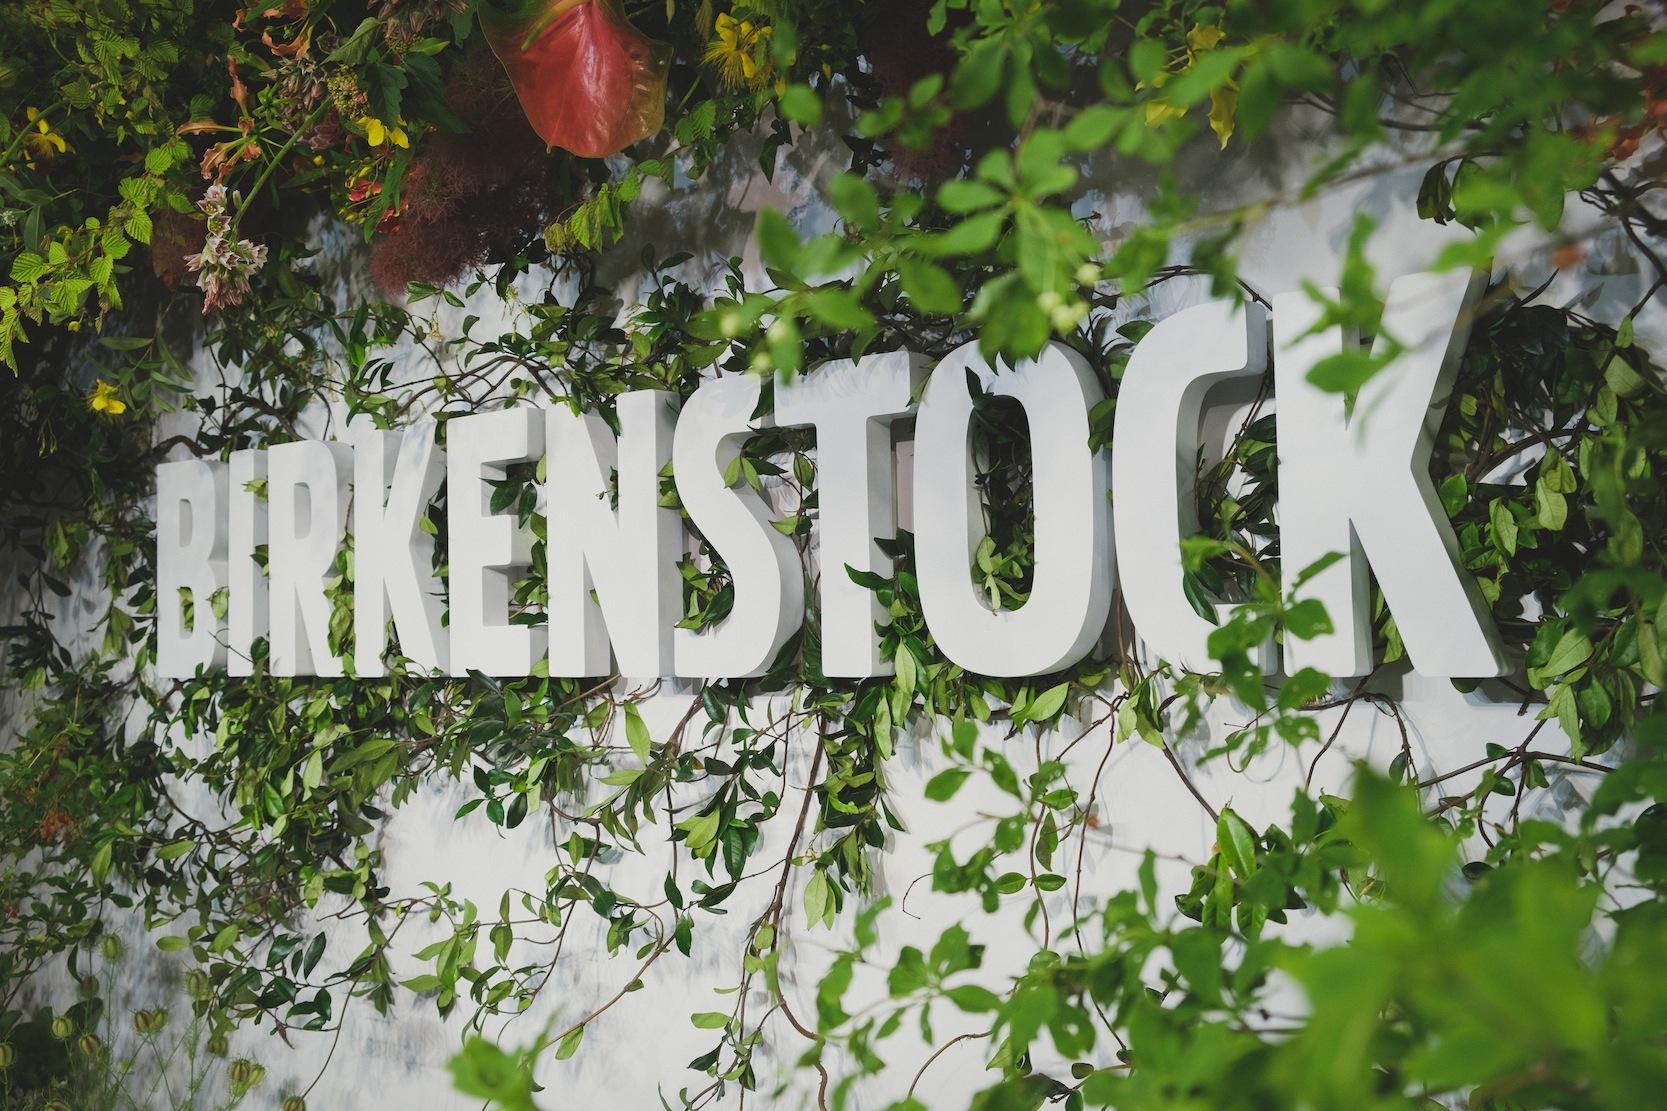 個性誇り「自分らしく、歩こう」<br>BIRKENSTOCKが展覧会